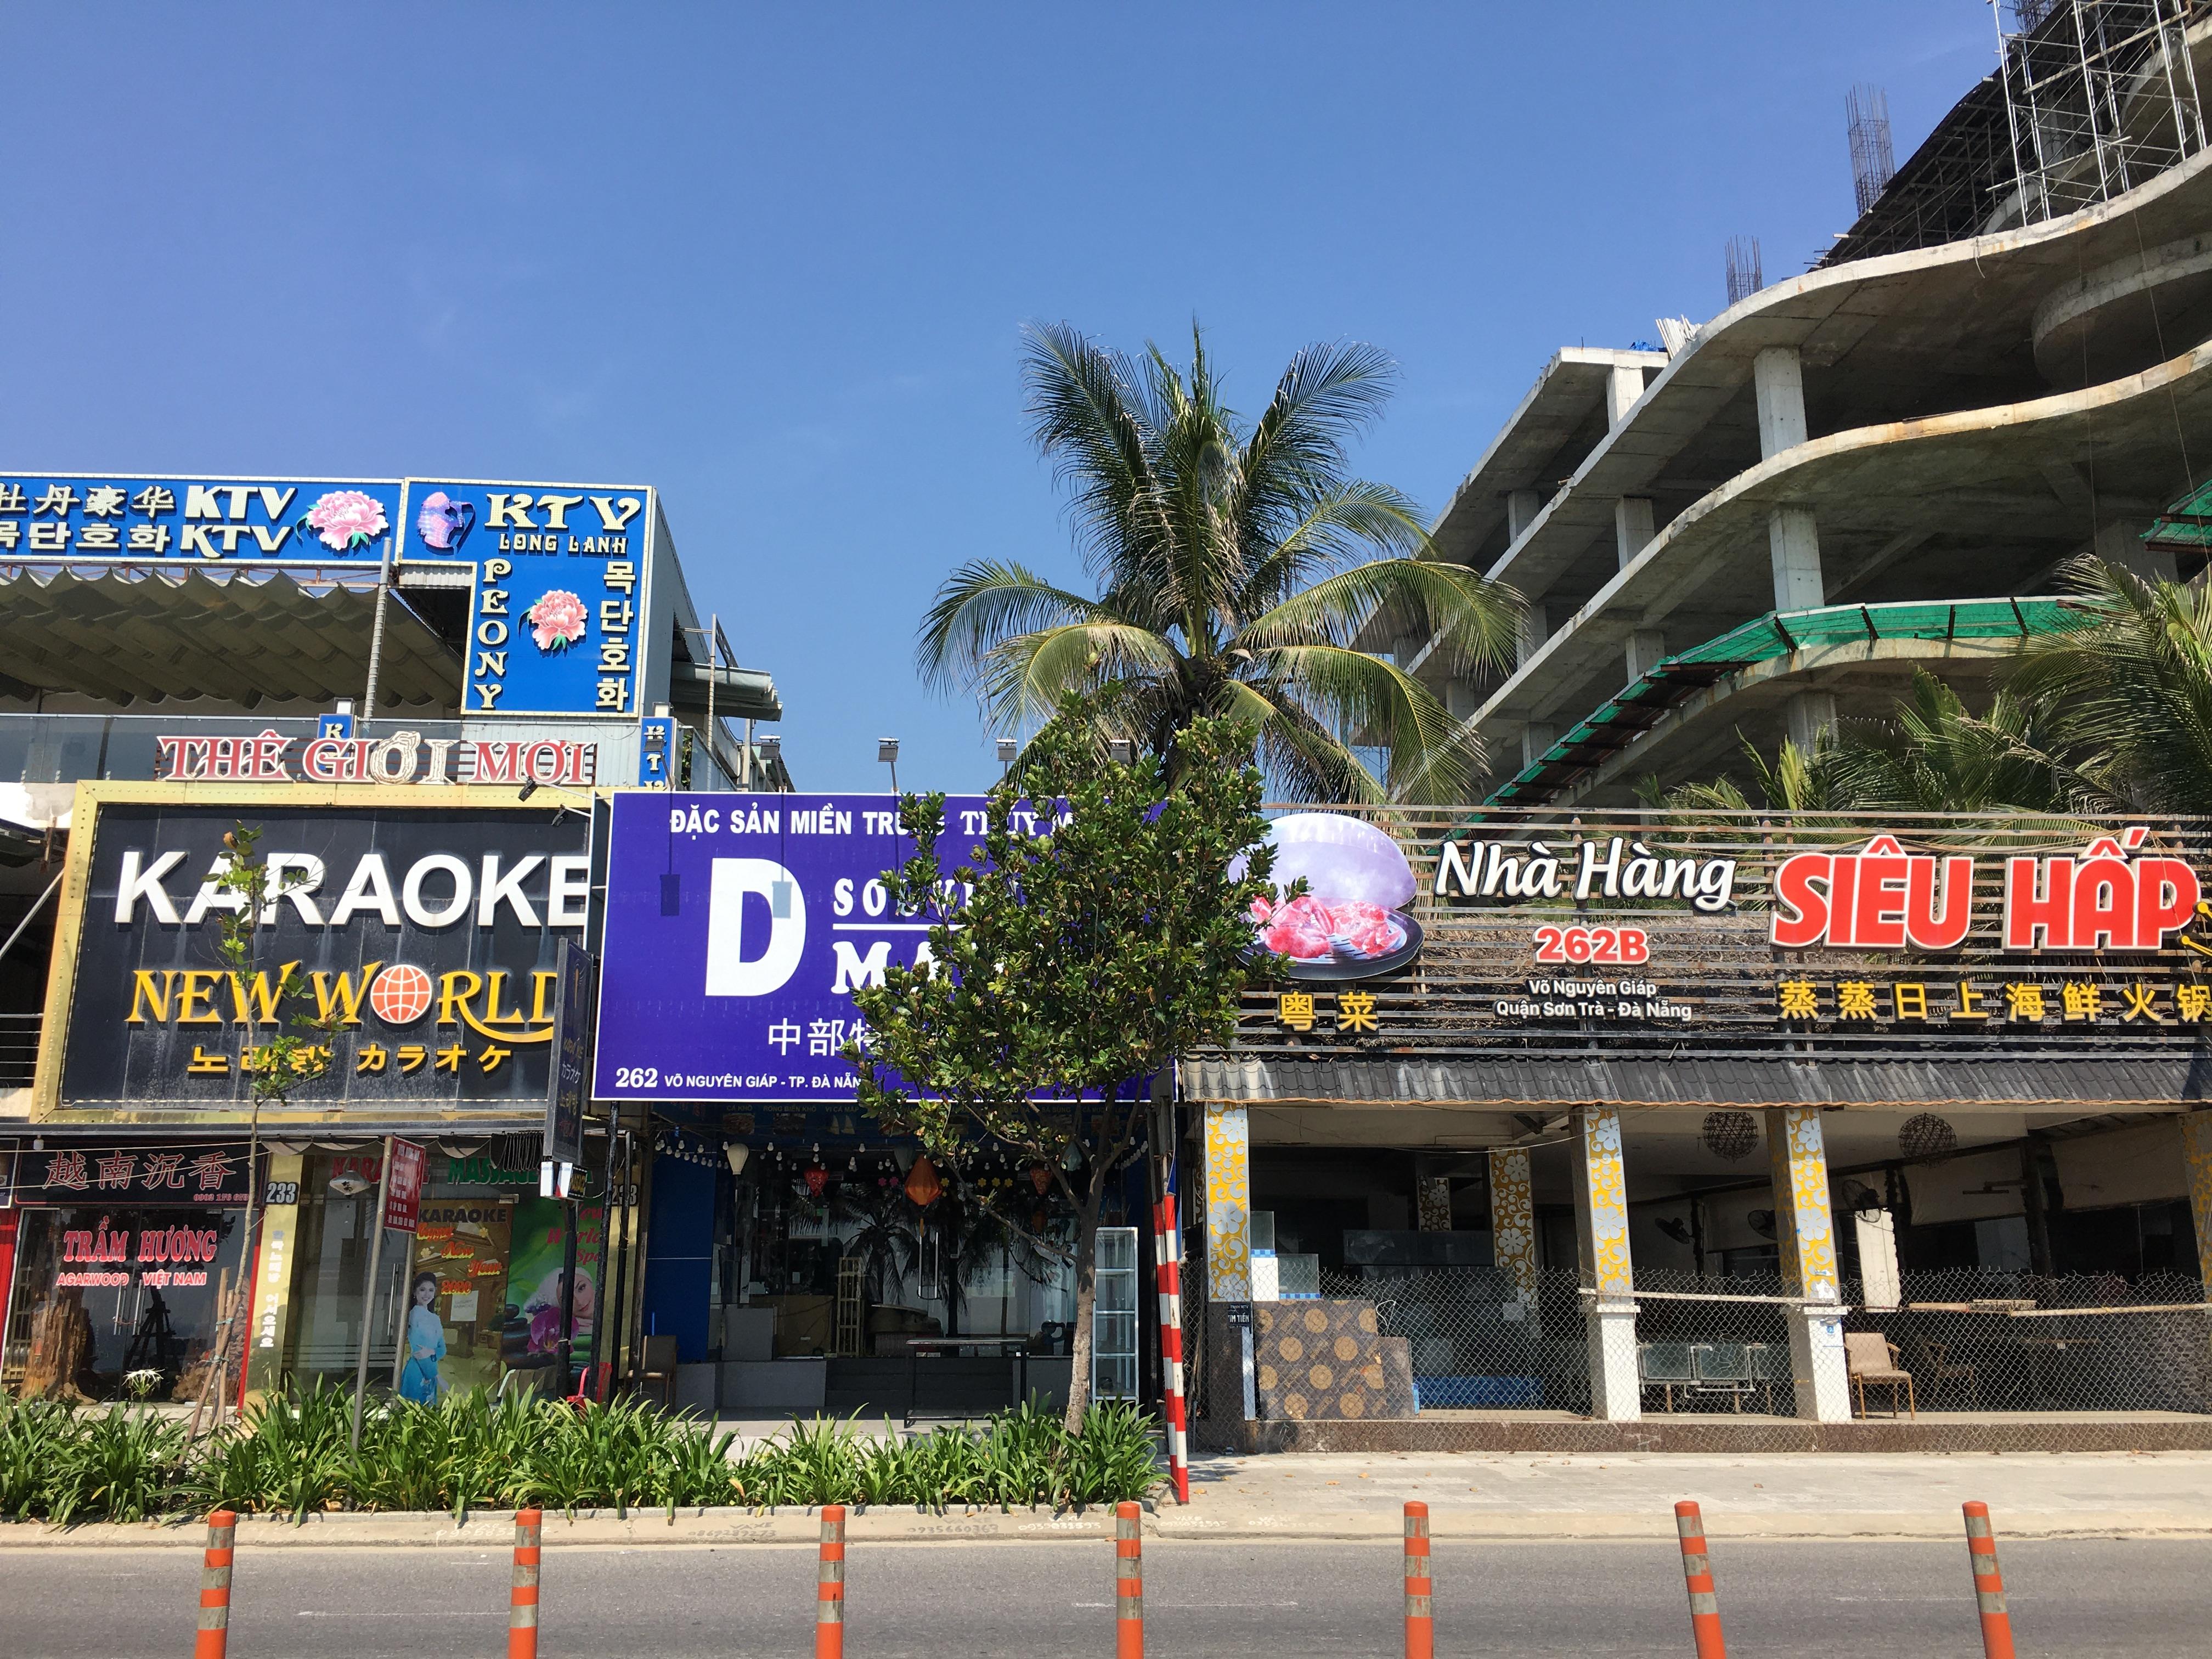 Đà Nẵng: Khách du lịch không đến, không chỉ có khách sạn mà người bán vỉa hè, hàng rong đến nhà hàng, phương tiện vận tải cũng chật vật theo - Ảnh 7.